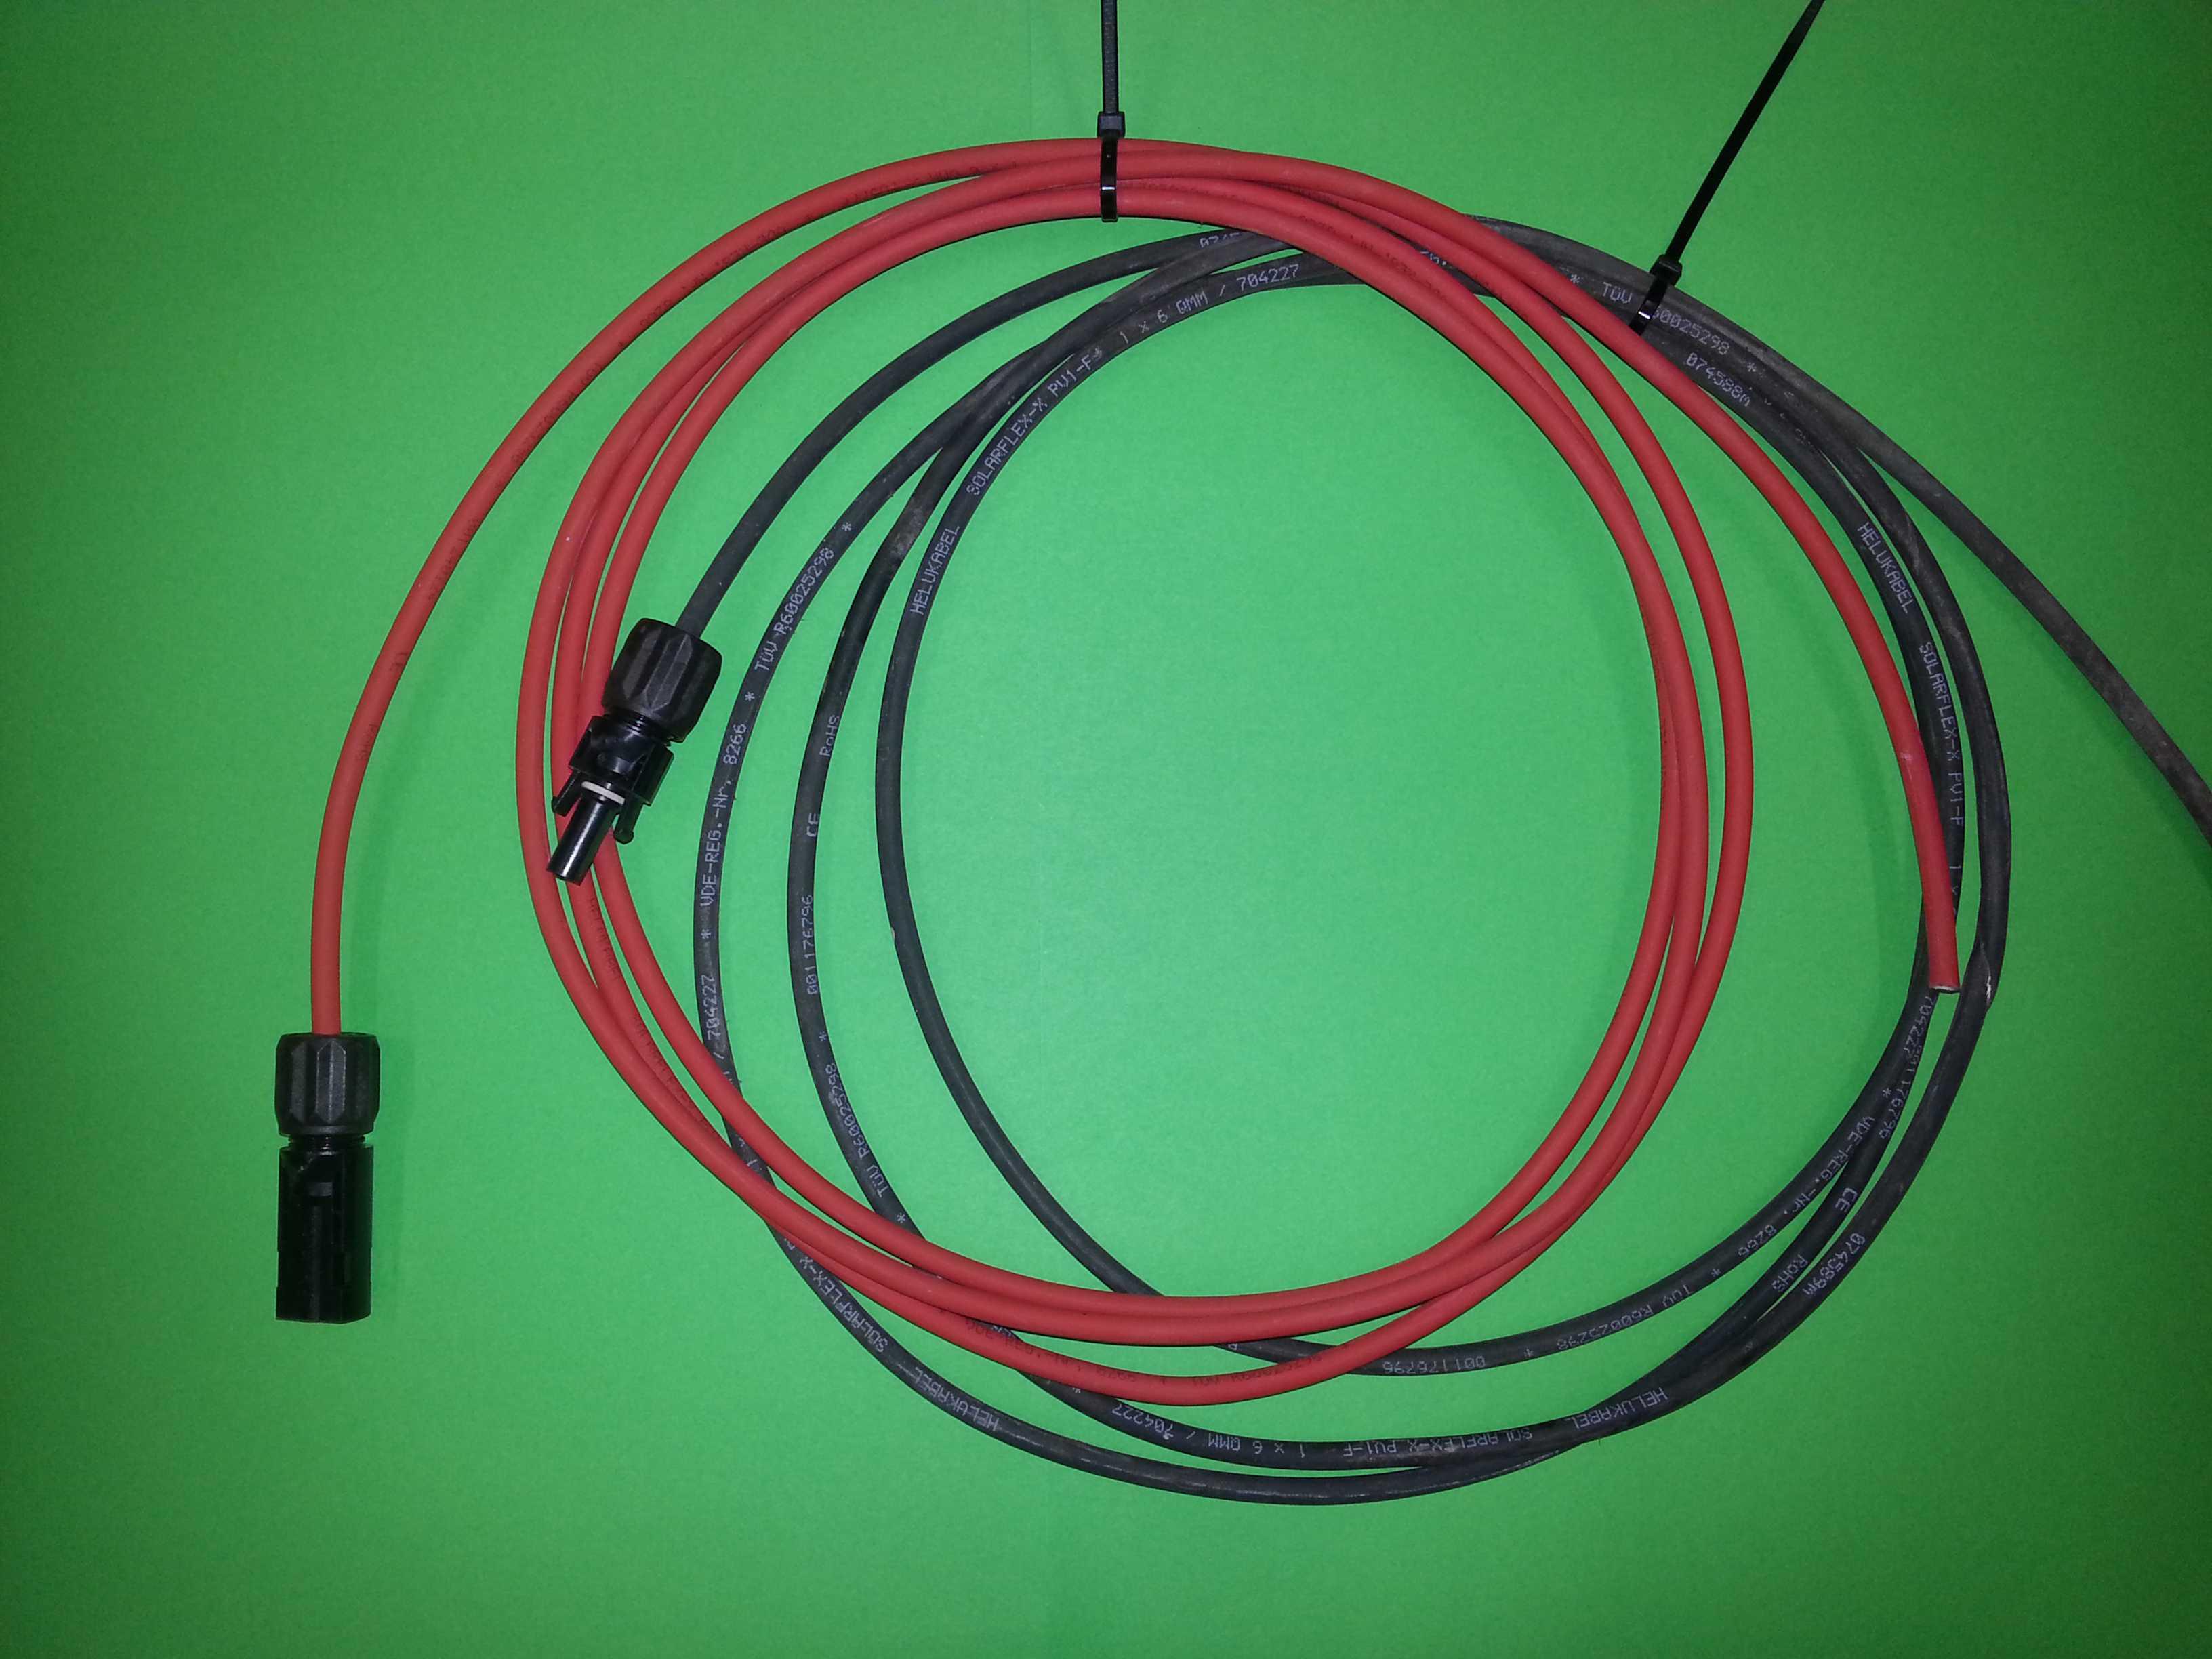 anschlusskabel 6mm 1m 25m solarkabel pv kabel mc4. Black Bedroom Furniture Sets. Home Design Ideas